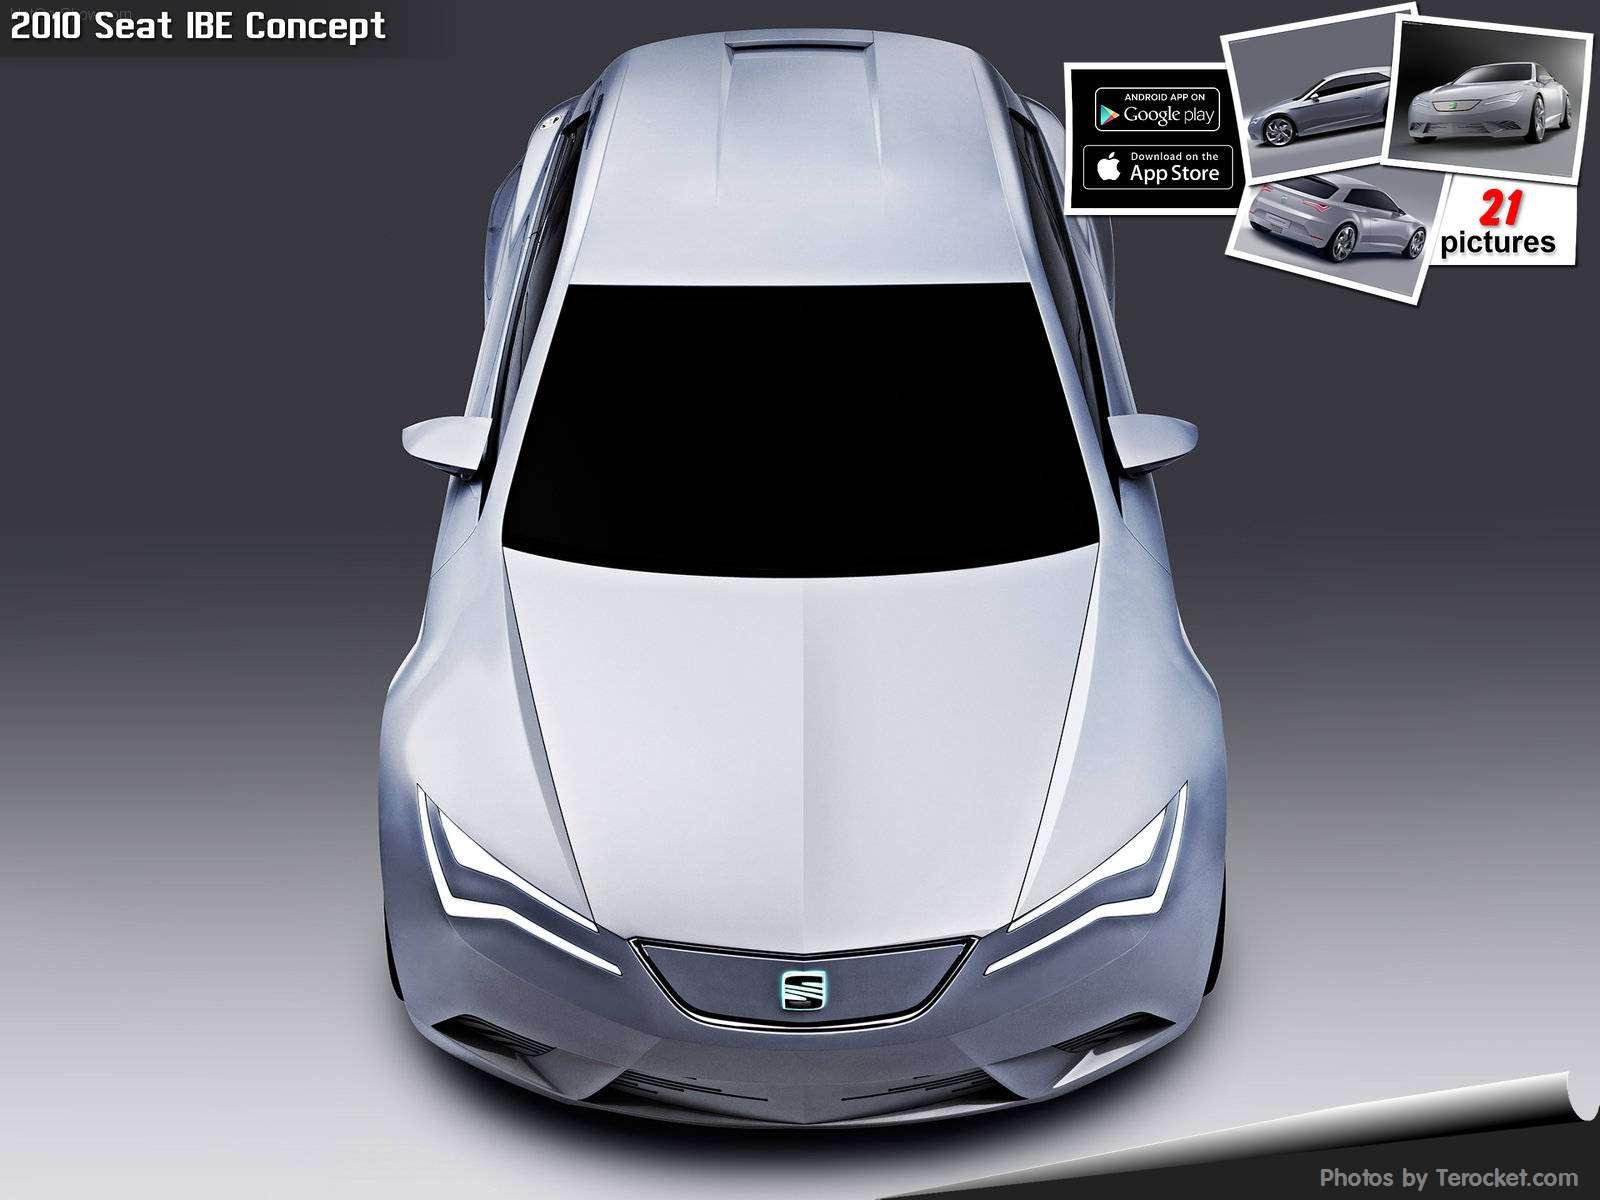 Hình ảnh xe ô tô Seat IBE Concept 2010 & nội ngoại thất